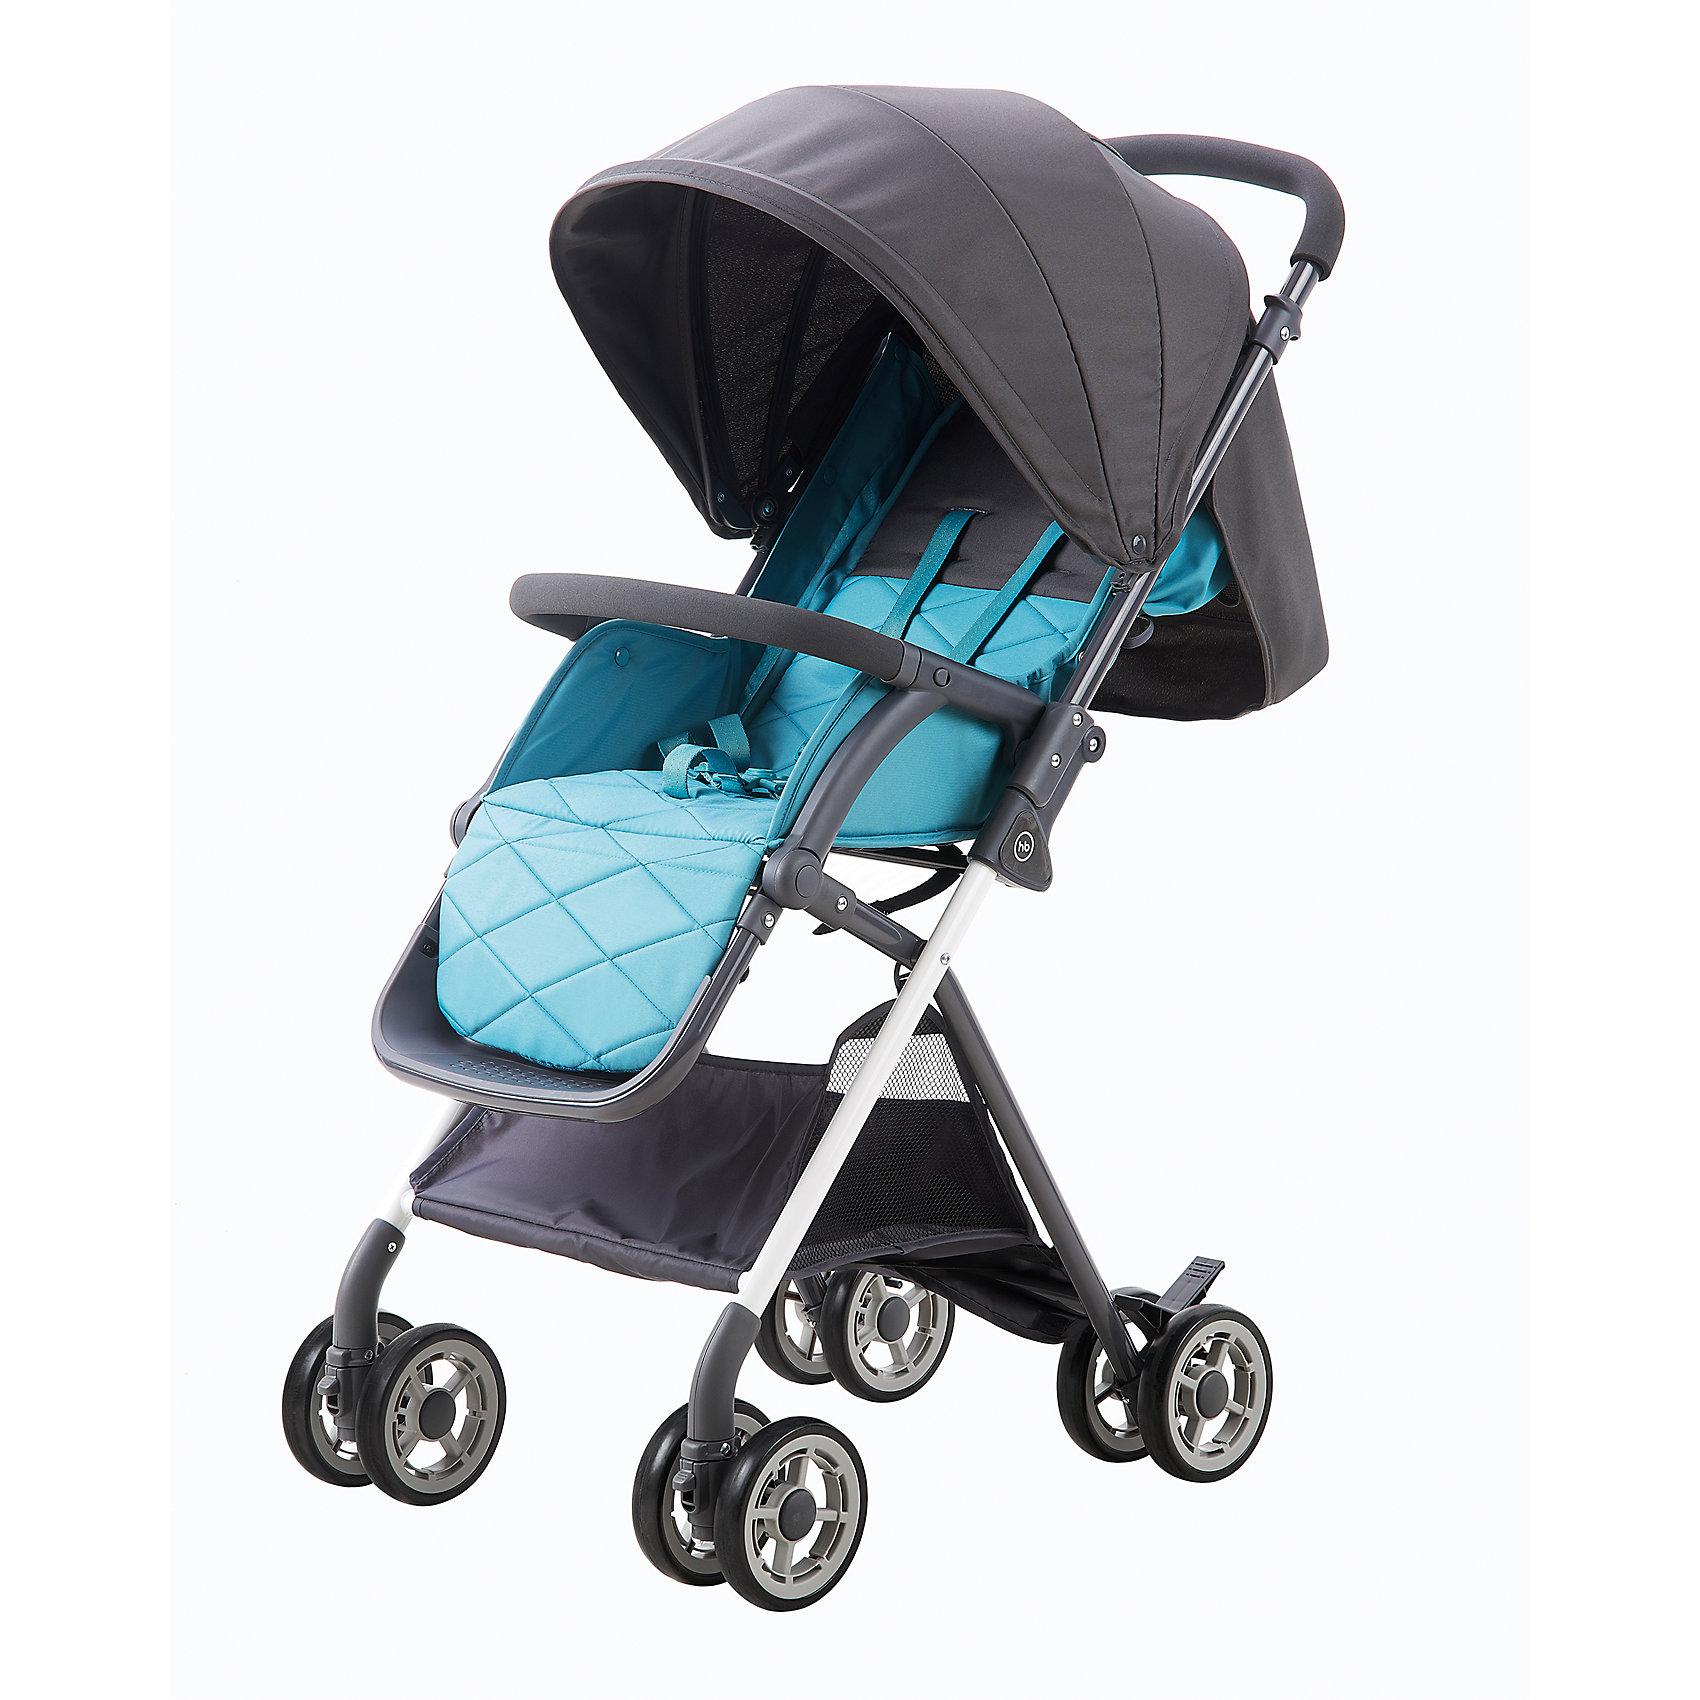 Прогулочная коляска Happy Baby Mia, морскойПрогулочные коляски<br>Характеристики:<br><br>• регулируемое положение спинки коляски, угол наклона 90-175 градусов;<br>• регулируемое положение подножки;<br>• защитный бампер отводится в сторону или снимается полностью;<br>• 5-ти точечные ремни безопасности регулируются по длине и высоте;<br>• капюшон оснащен солнцезащитным козырьком и смотровым клеенчатым окошком под клапаном;<br>• сдвоенные колеса;<br>• передние поворотные колеса с блокировкой;<br>• задние колеса с рычагами тормоза;<br>• тип складывания: книжка;<br>• в сложенном виде колеса опущены вниз, ручка-бампер используется для того, чтобы везти коляску в сложенном виде;<br>• предусмотрен крючок для блокировки коляски в сложенном виде;<br>• коляска устойчива в вертикальном положении в сложенном виде;<br>• в комплекте дождевик и инструкция;<br>• материал: алюминий, пластик, полиэстер.<br><br>Размеры: <br><br>• размер коляски: 77,5х50,8х104,6 см;<br>• размер коляски в сложенном виде: 76,5х27,5х44,5 см;<br>• вес коляски: 6,8 кг;<br>• ширина сиденья: 32 см;<br>• глубина сиденья: 24 см;<br>• длина спального места: 80 см;<br>• диаметр колес: 14 см;<br>• допустимая нагрузка: до 15 кг;<br>• вес в упаковке: 9,5 кг.<br><br>Прогулочную коляску Happy Baby Mia, цвет морской можно купить в нашем интернет-магазине.<br><br>Ширина мм: 765<br>Глубина мм: 275<br>Высота мм: 445<br>Вес г: 9500<br>Возраст от месяцев: 7<br>Возраст до месяцев: 36<br>Пол: Унисекс<br>Возраст: Детский<br>SKU: 6681545